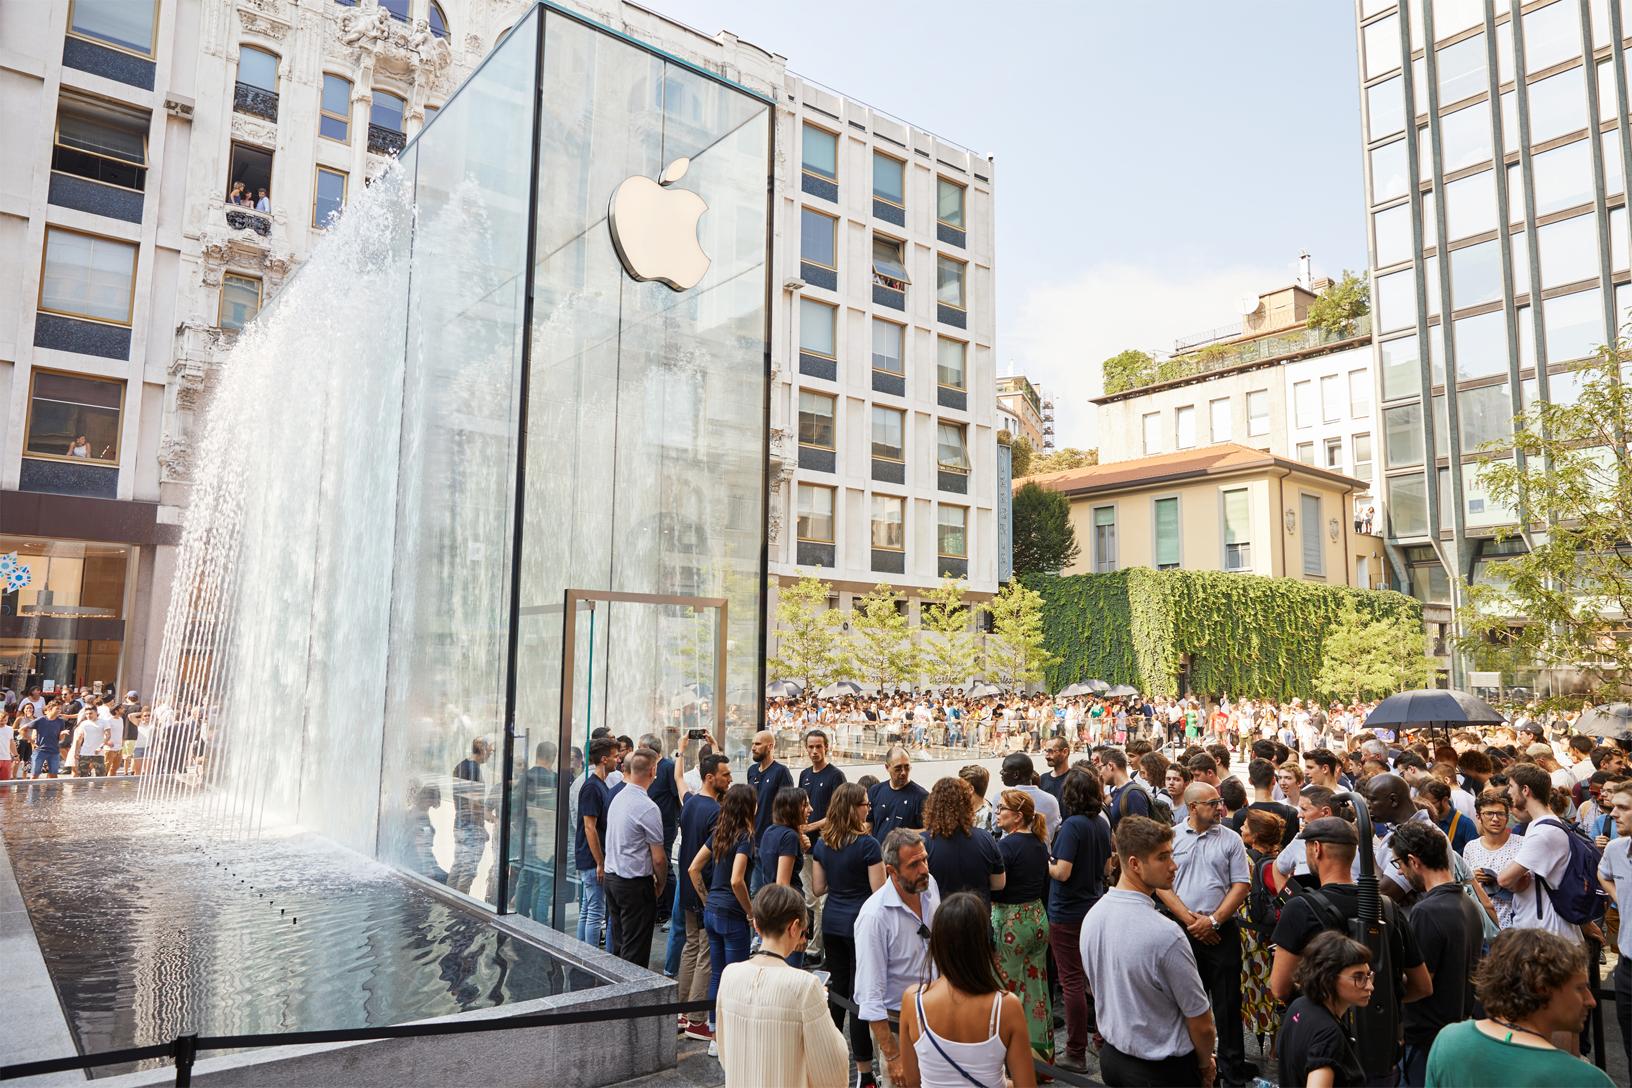 Foster + Partners, Apple Piazza Liberty, Milano - la scenografica fontana avvolge il portale in vetro con getti d'acqua continui che creano un effetto scenografico e sensoriale